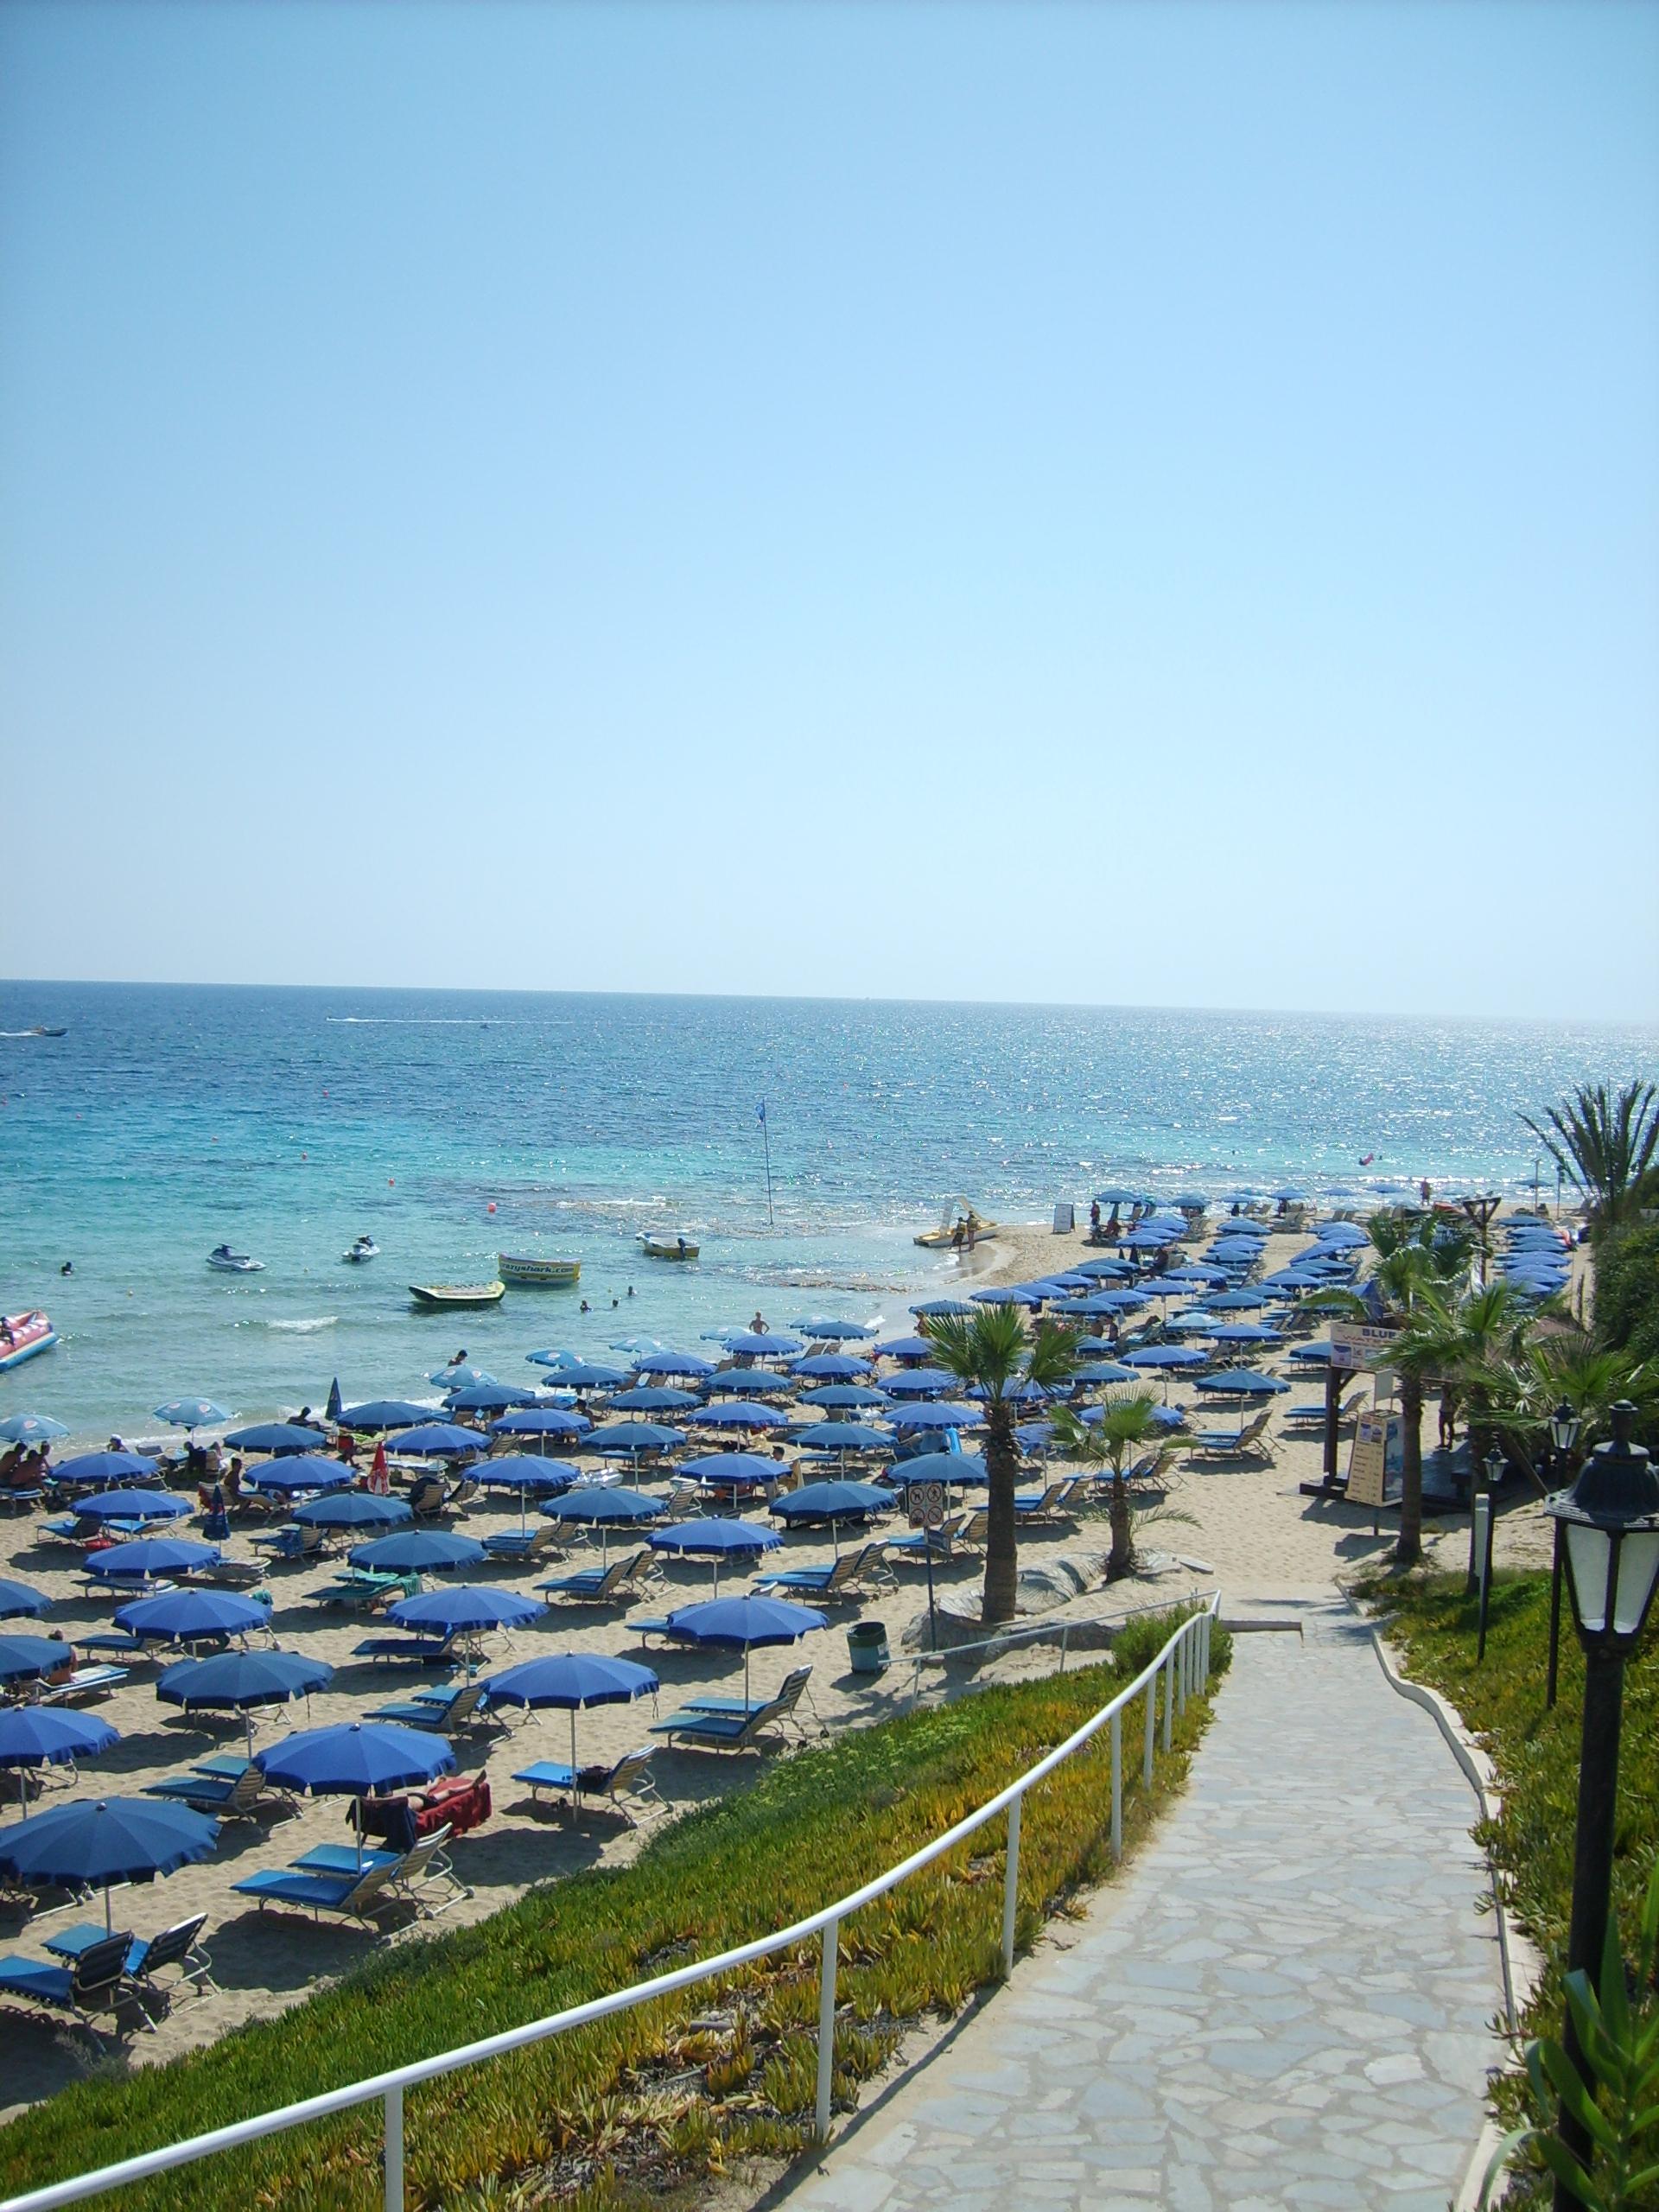 Grecian Sands Cyprus - дорога к пляжу